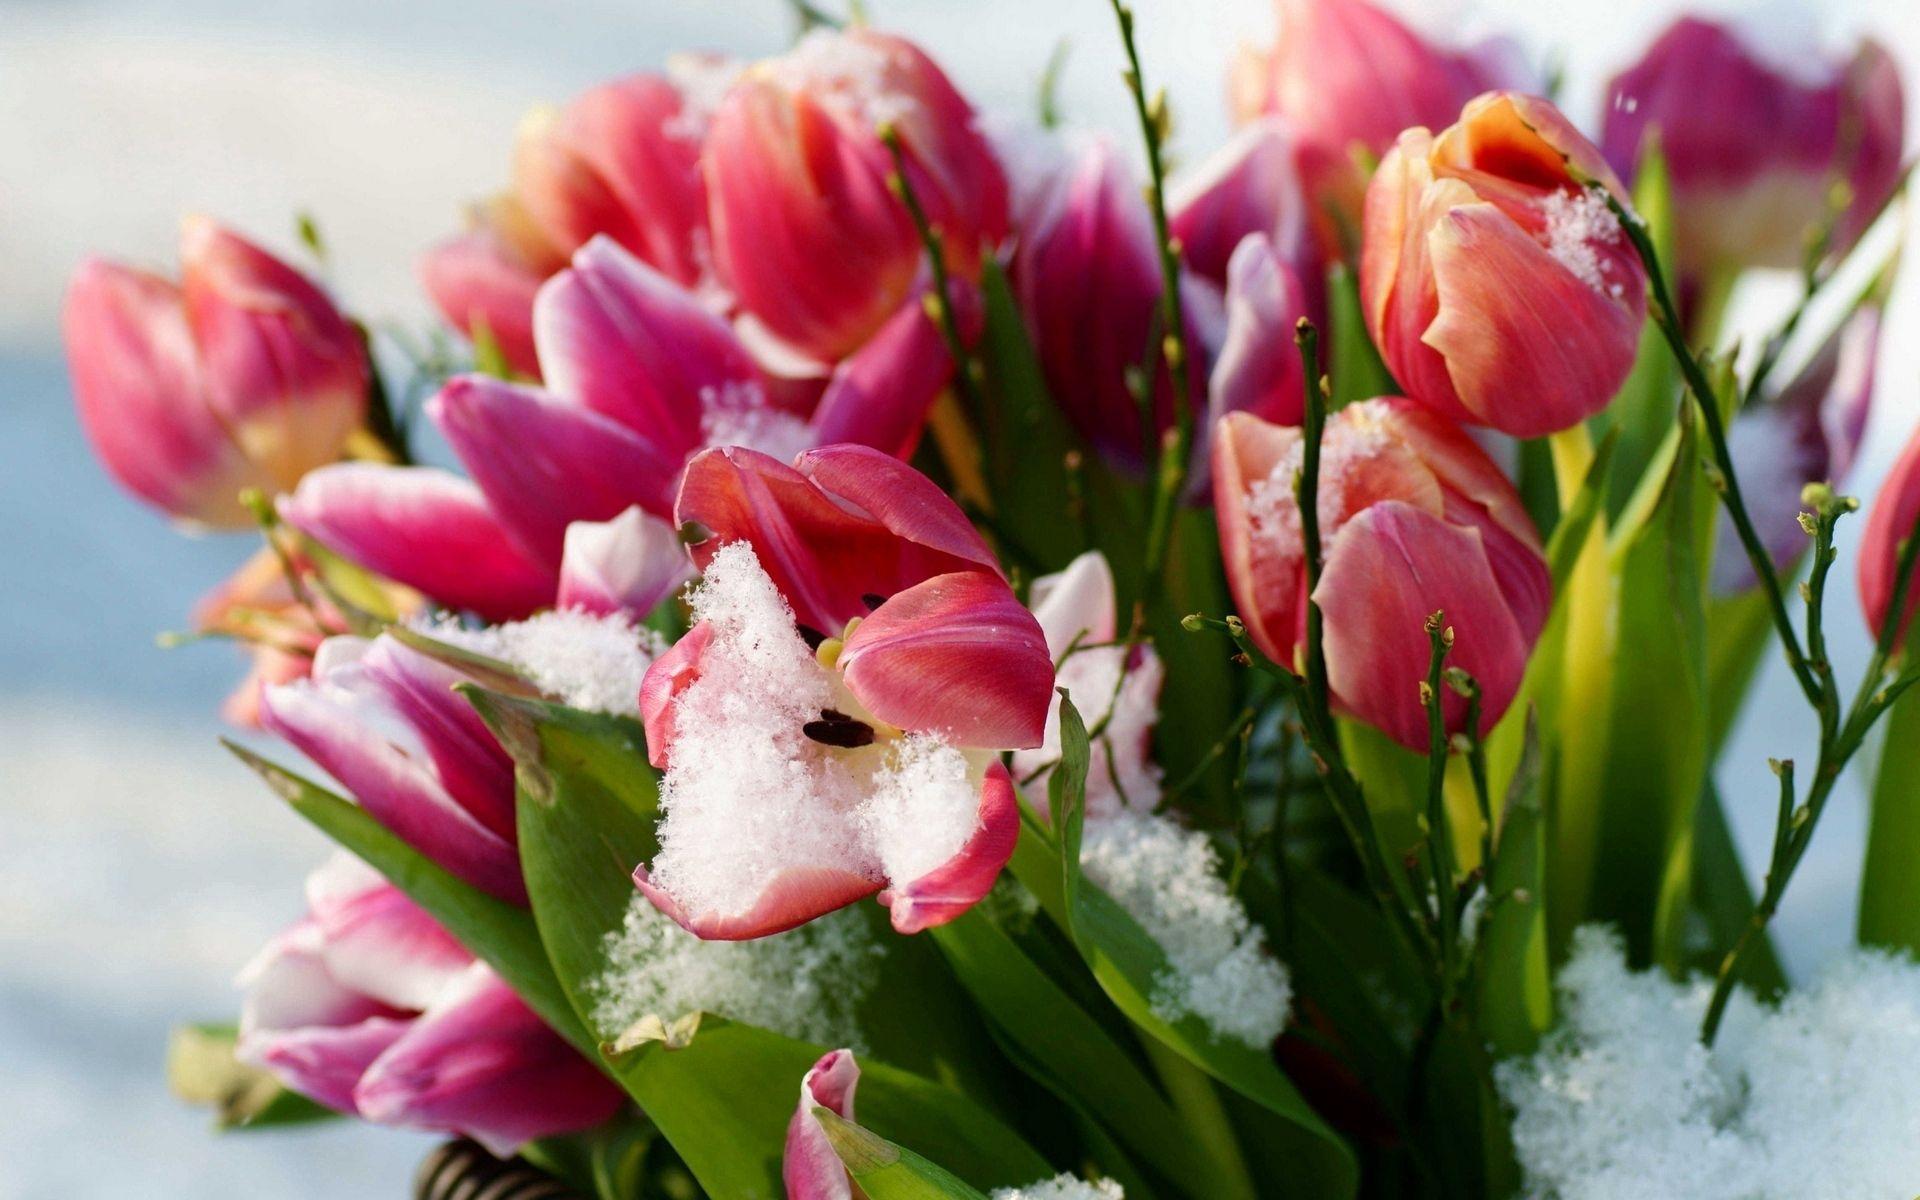 132549 скачать обои Цветы, Снег, Холод, Тюльпаны - заставки и картинки бесплатно